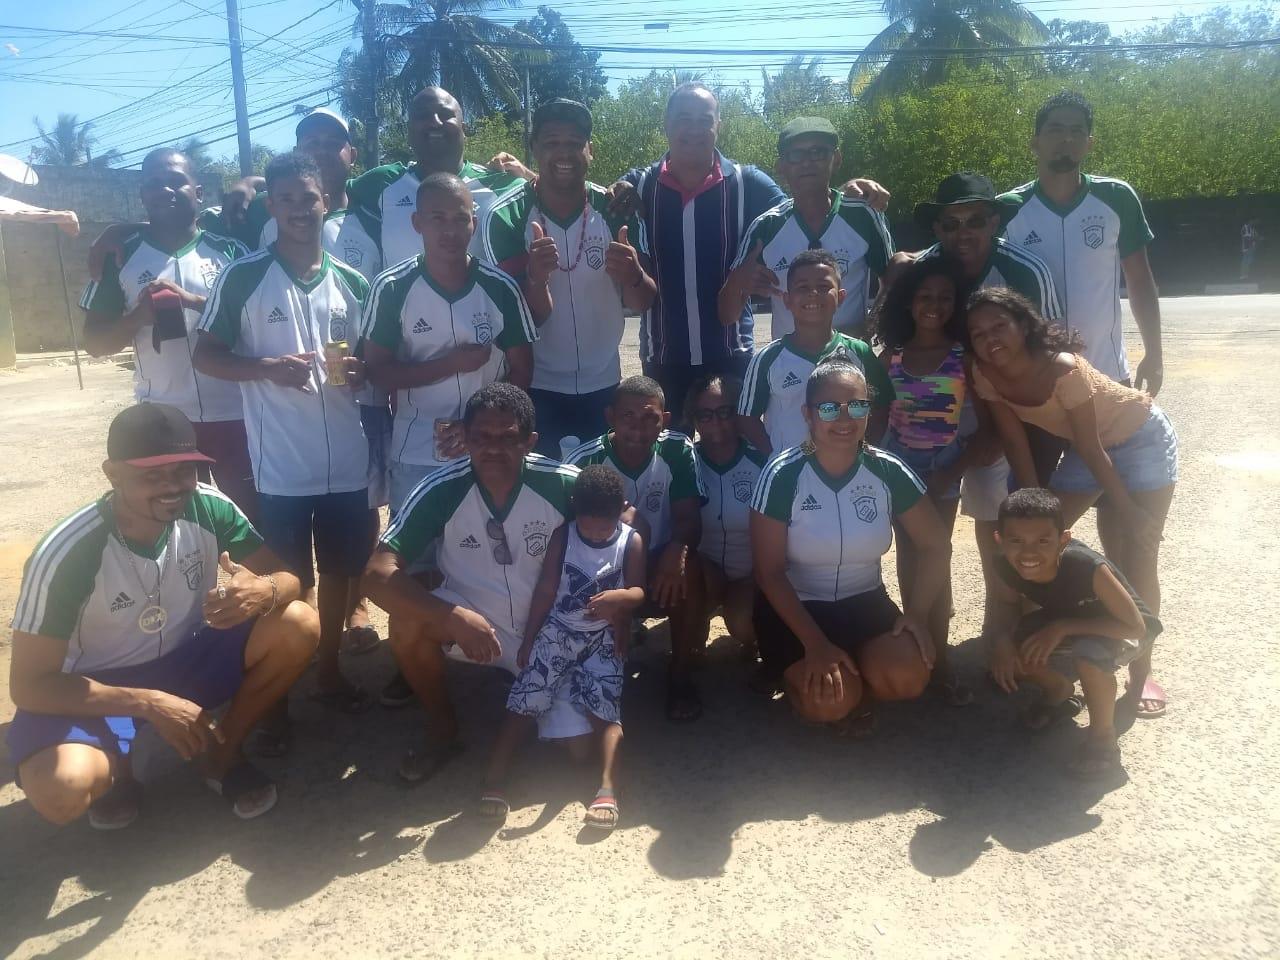 Vereador César prestigia final do campeonato de Dominó e semifinais do Campeonato de Itinga